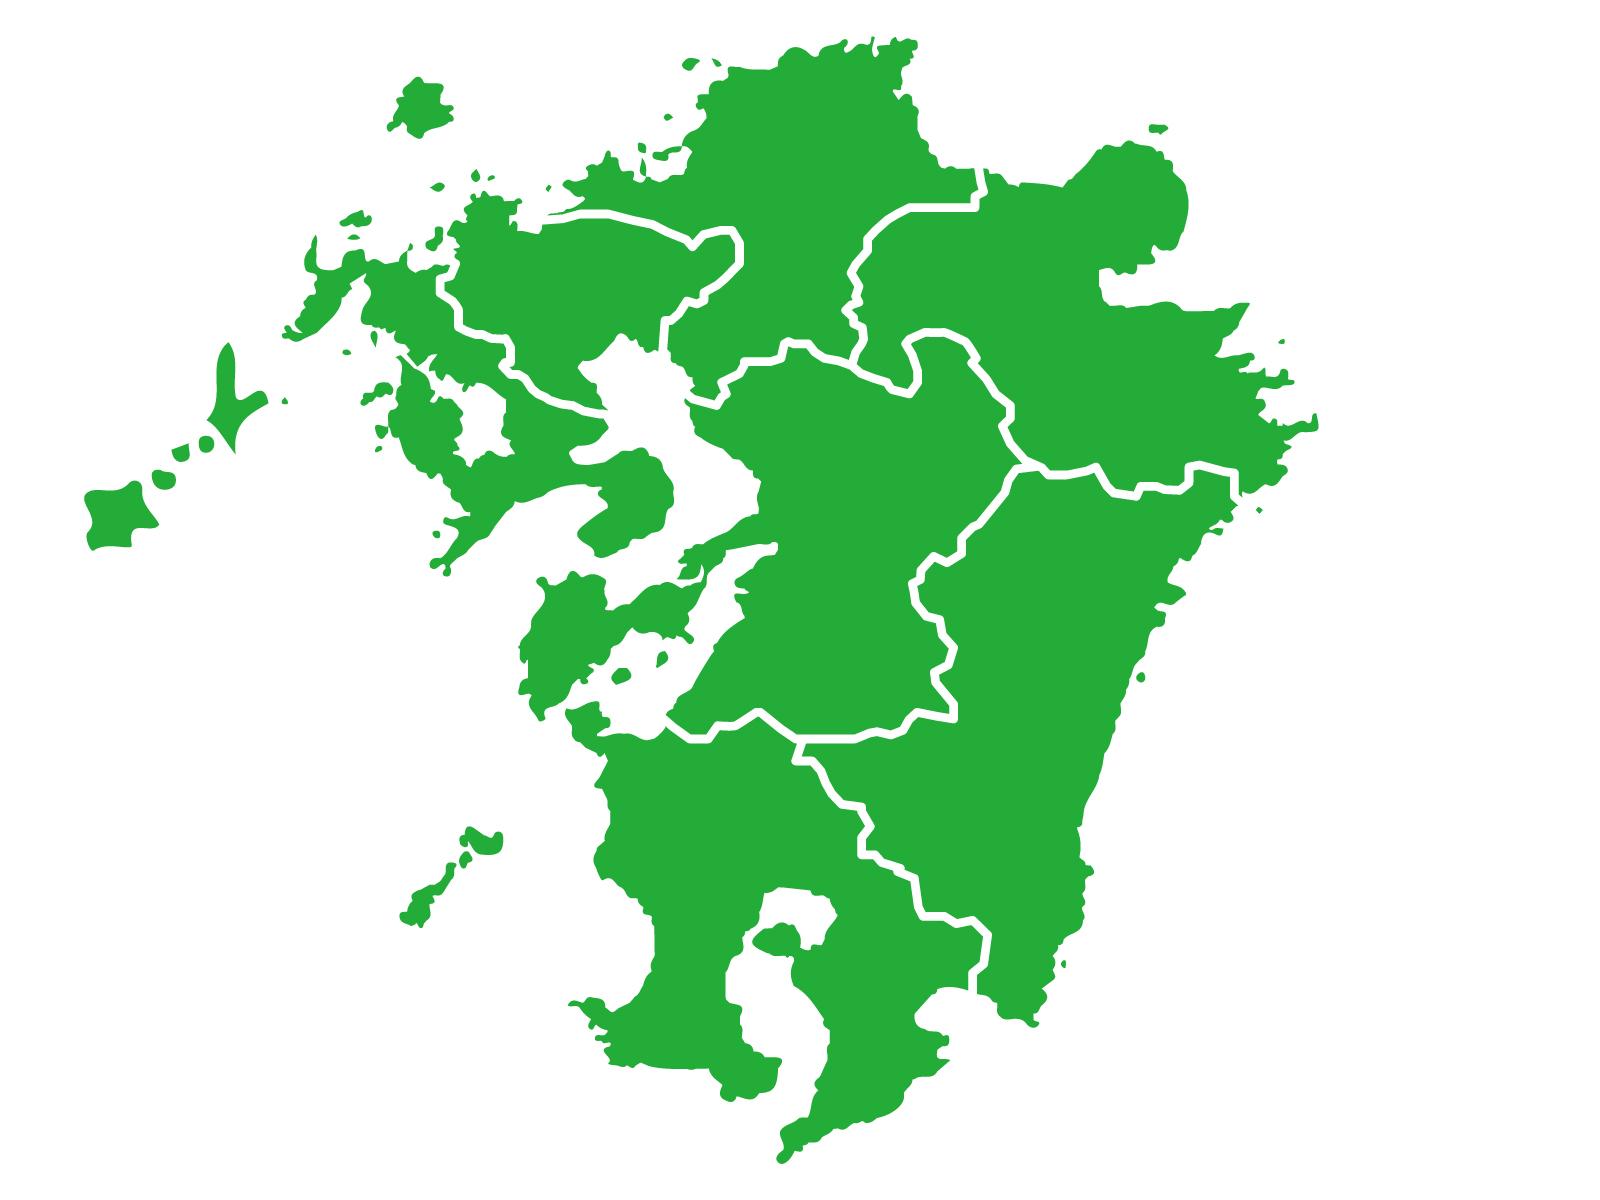 九州地方の地図のイメージ。